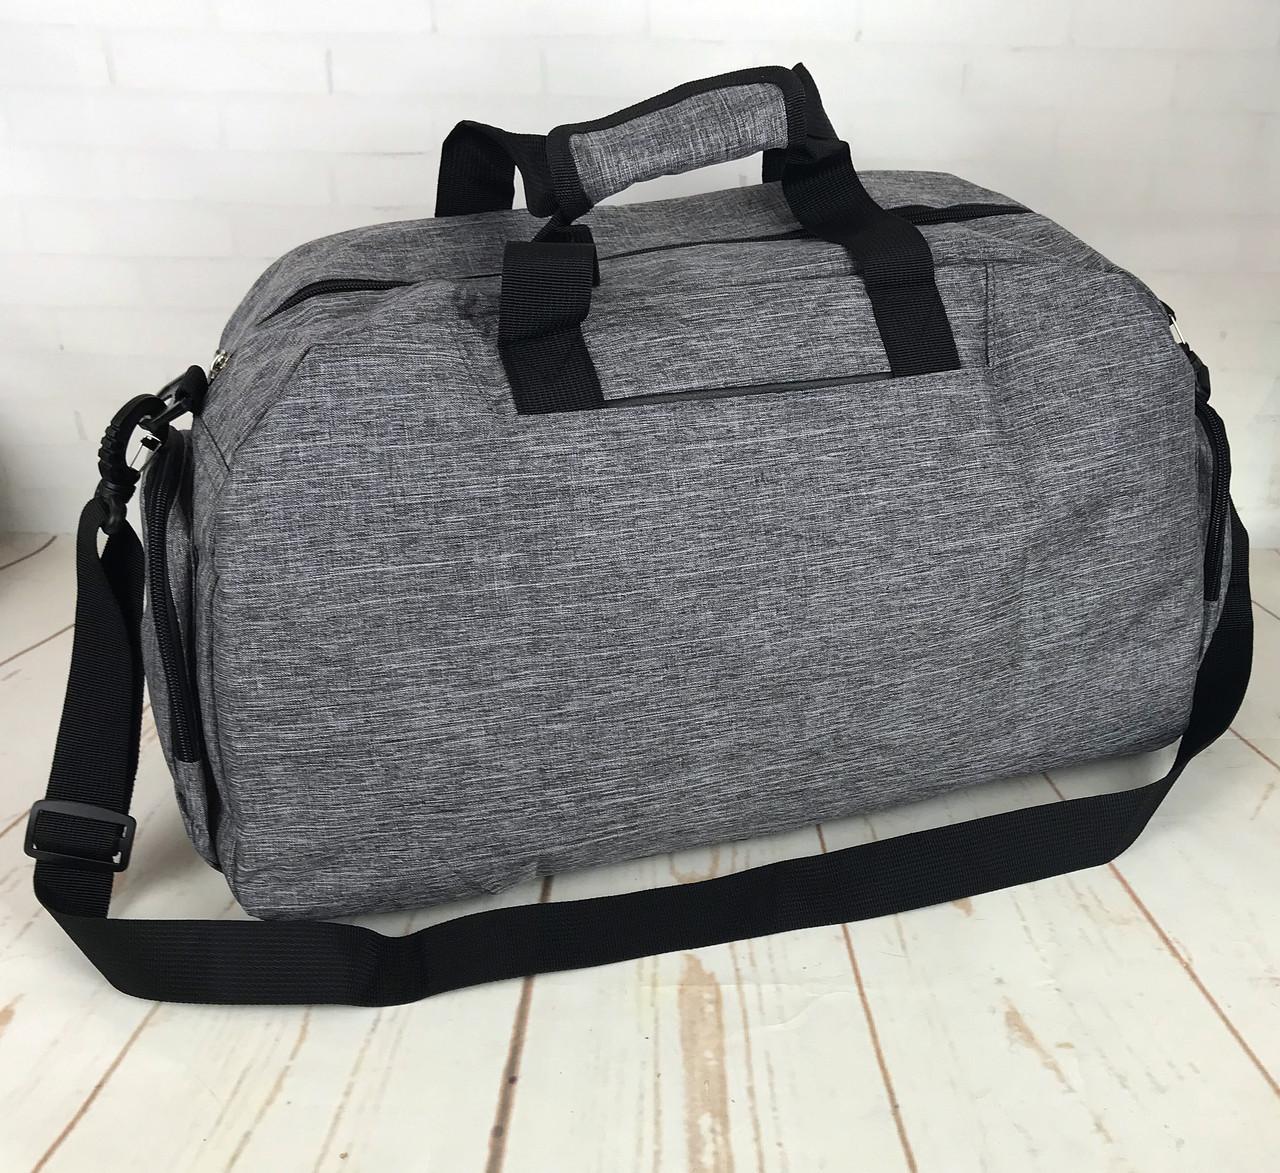 9ee3dcee ... Красивая спортивная сумка Fila.Сумка для тренировок. Дорожная сумка  КСС29, фото 5 ...